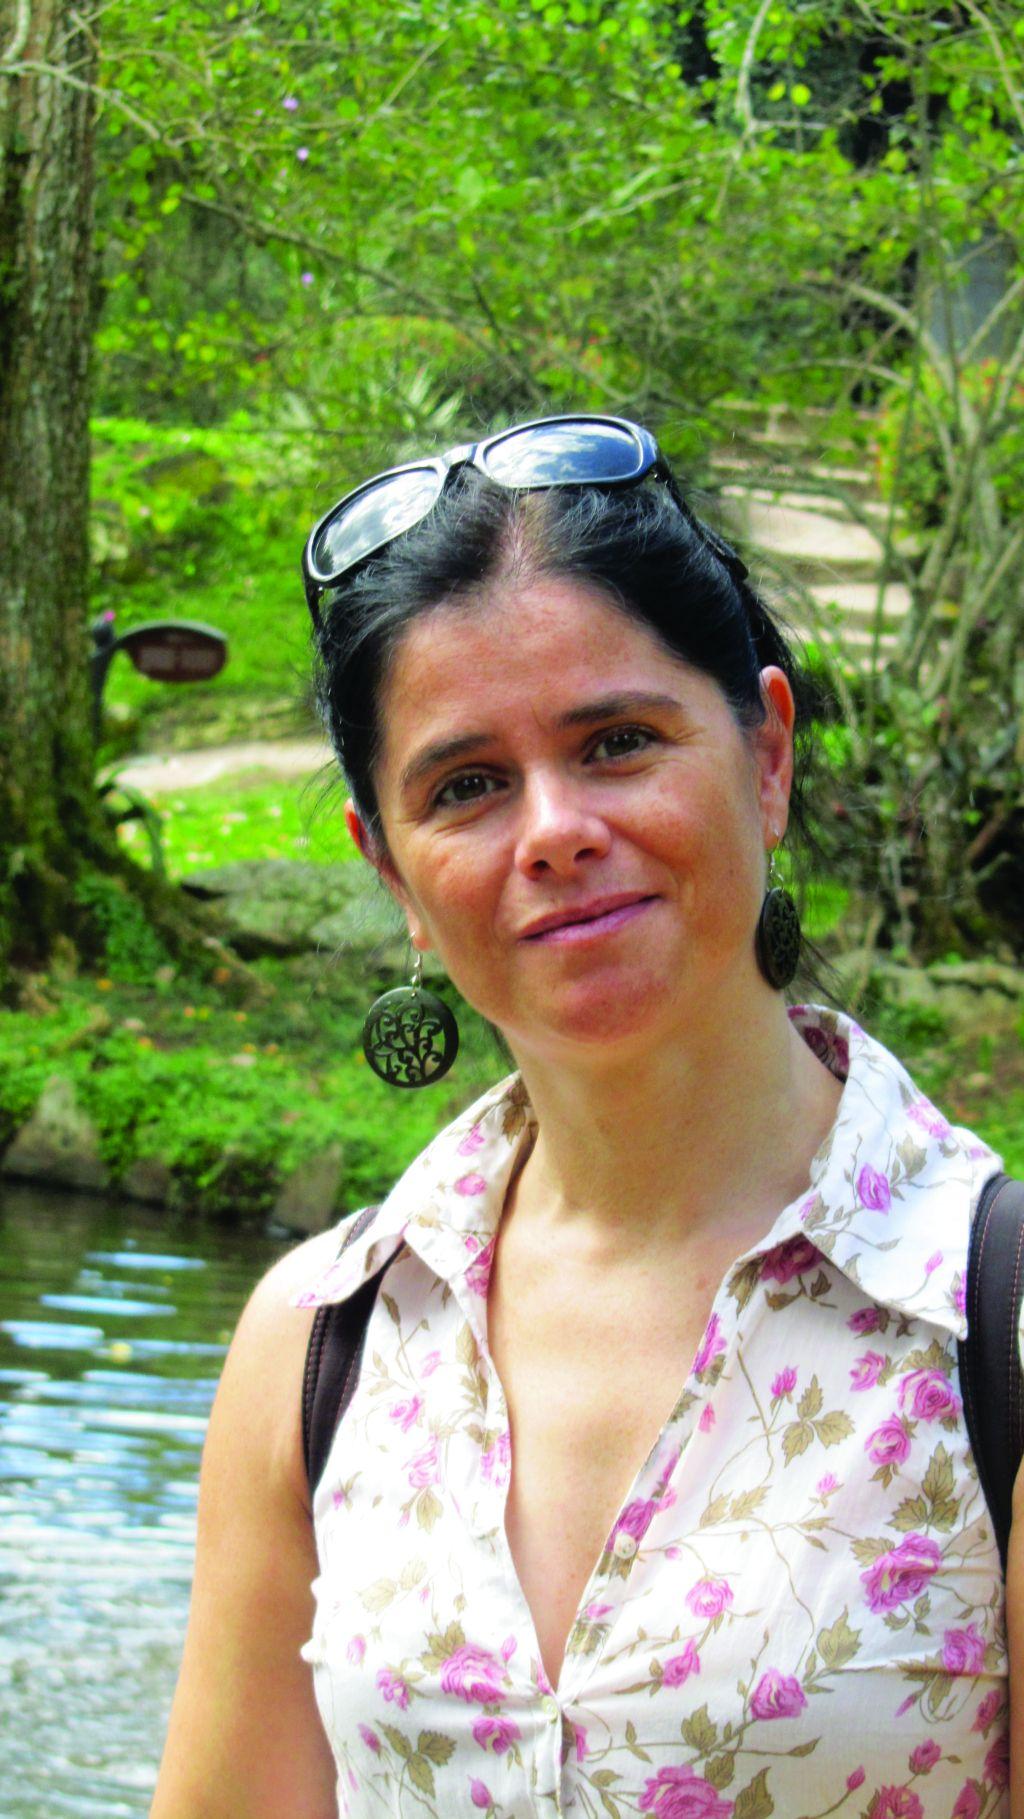 Susana Costa e Silva